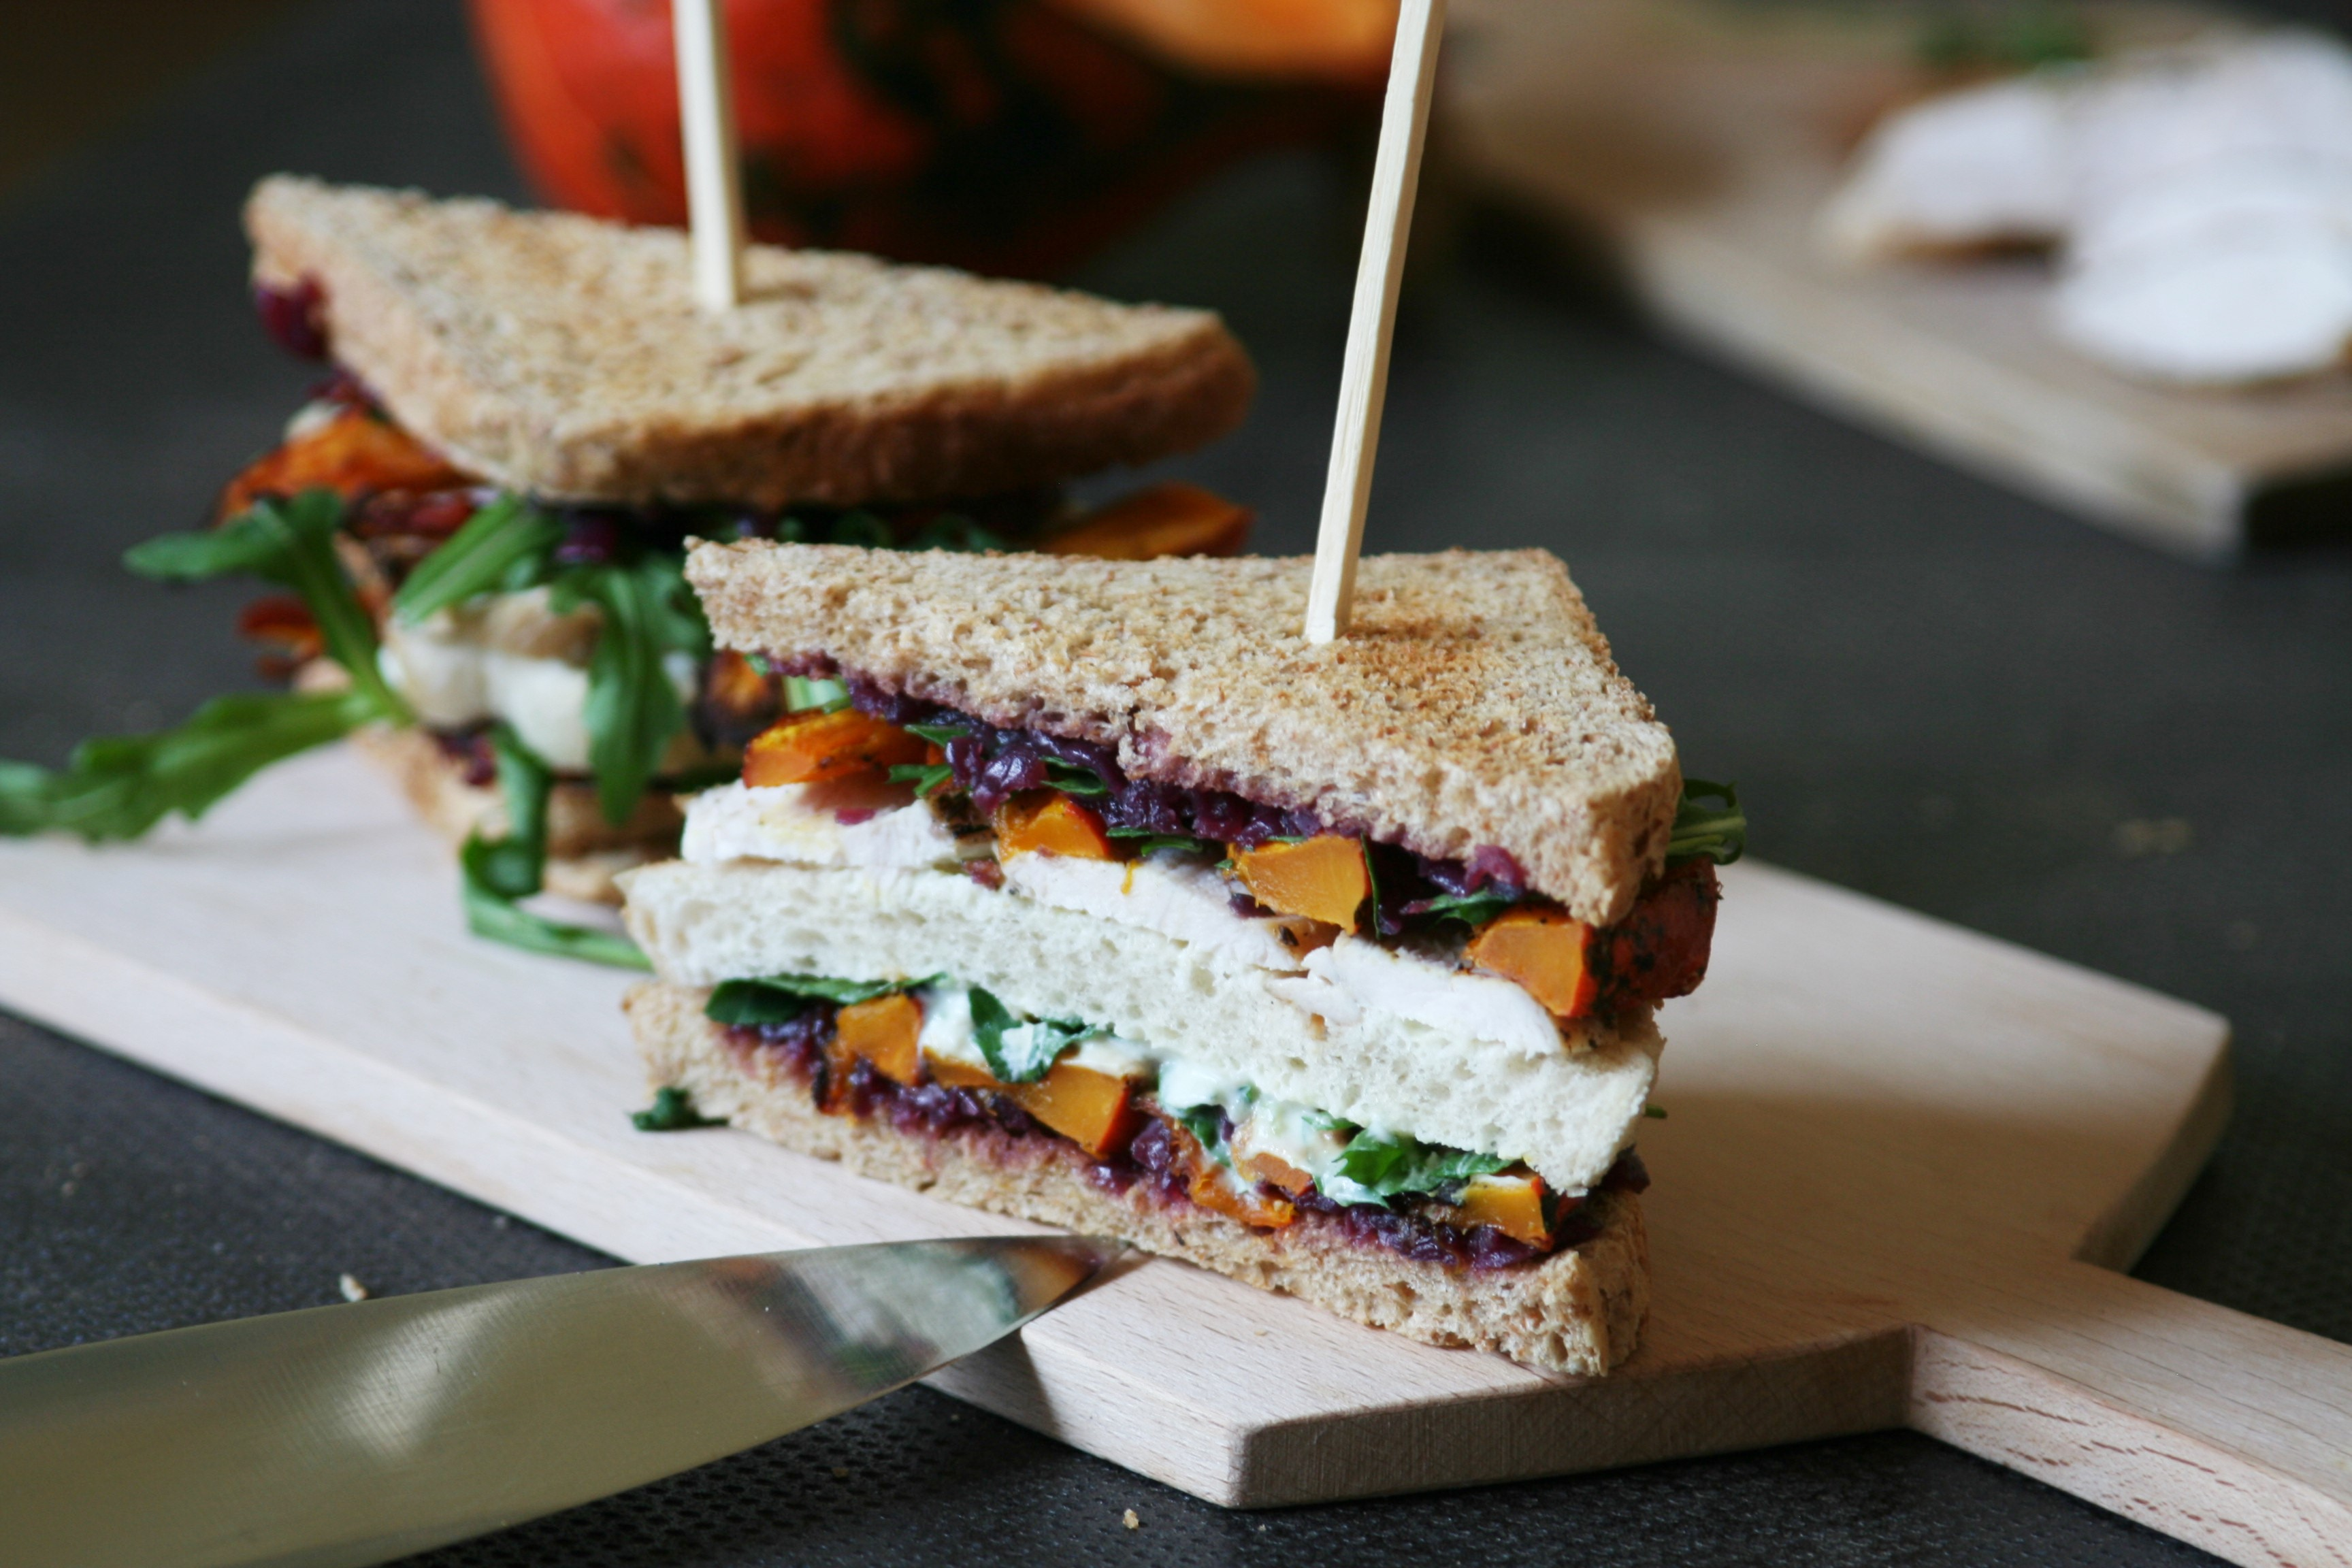 Kuřecí sendvič s dýní a karamelizovanou cibulí